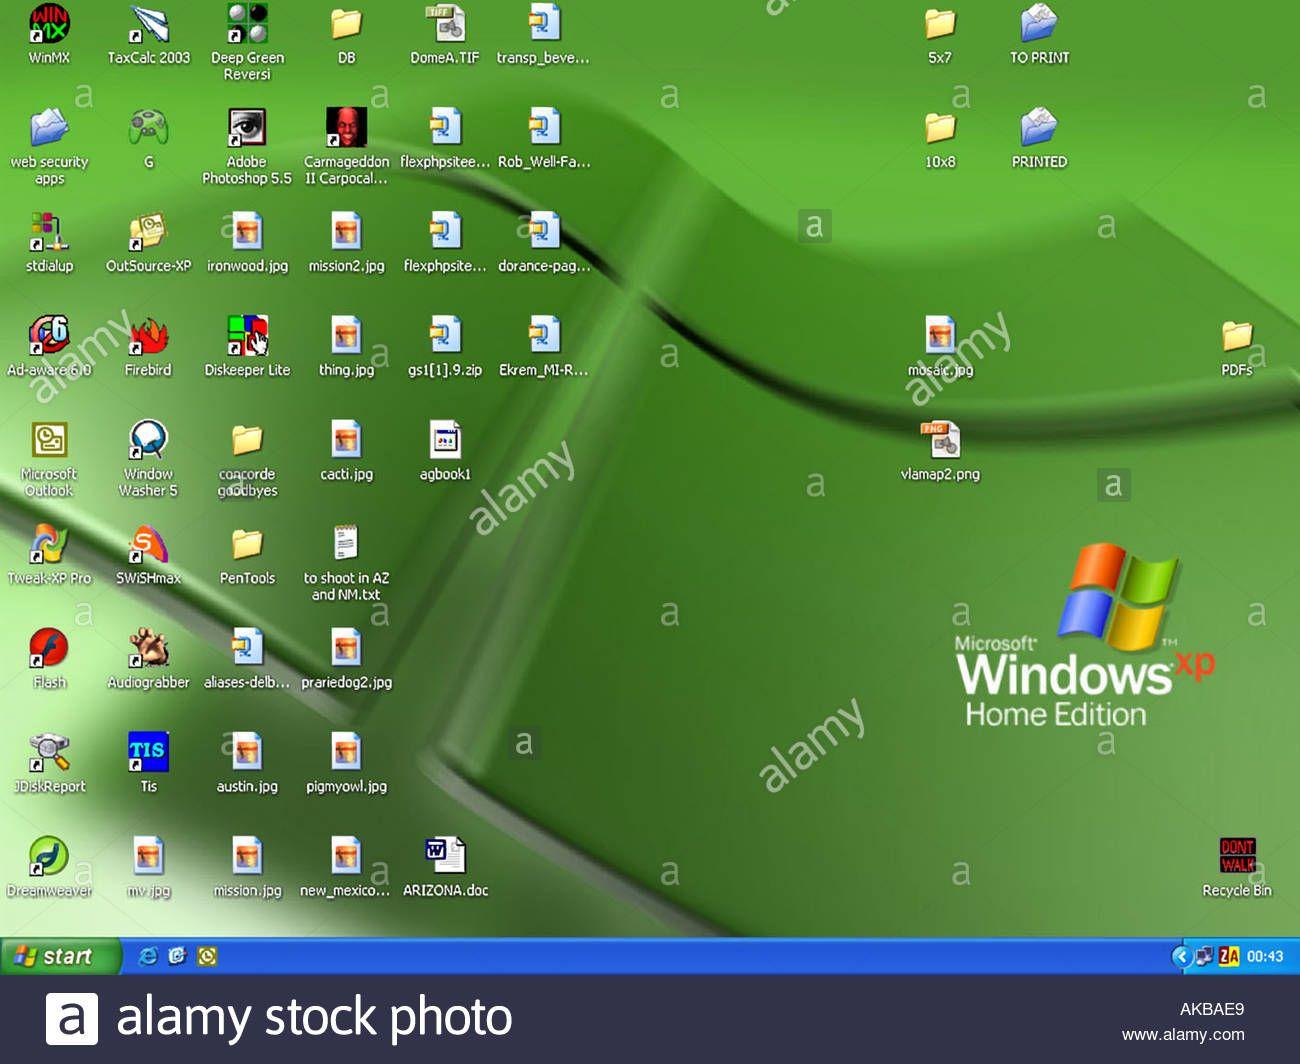 Descargar 1366x768 windows xp bienaventuranza wallpaper fondo de.